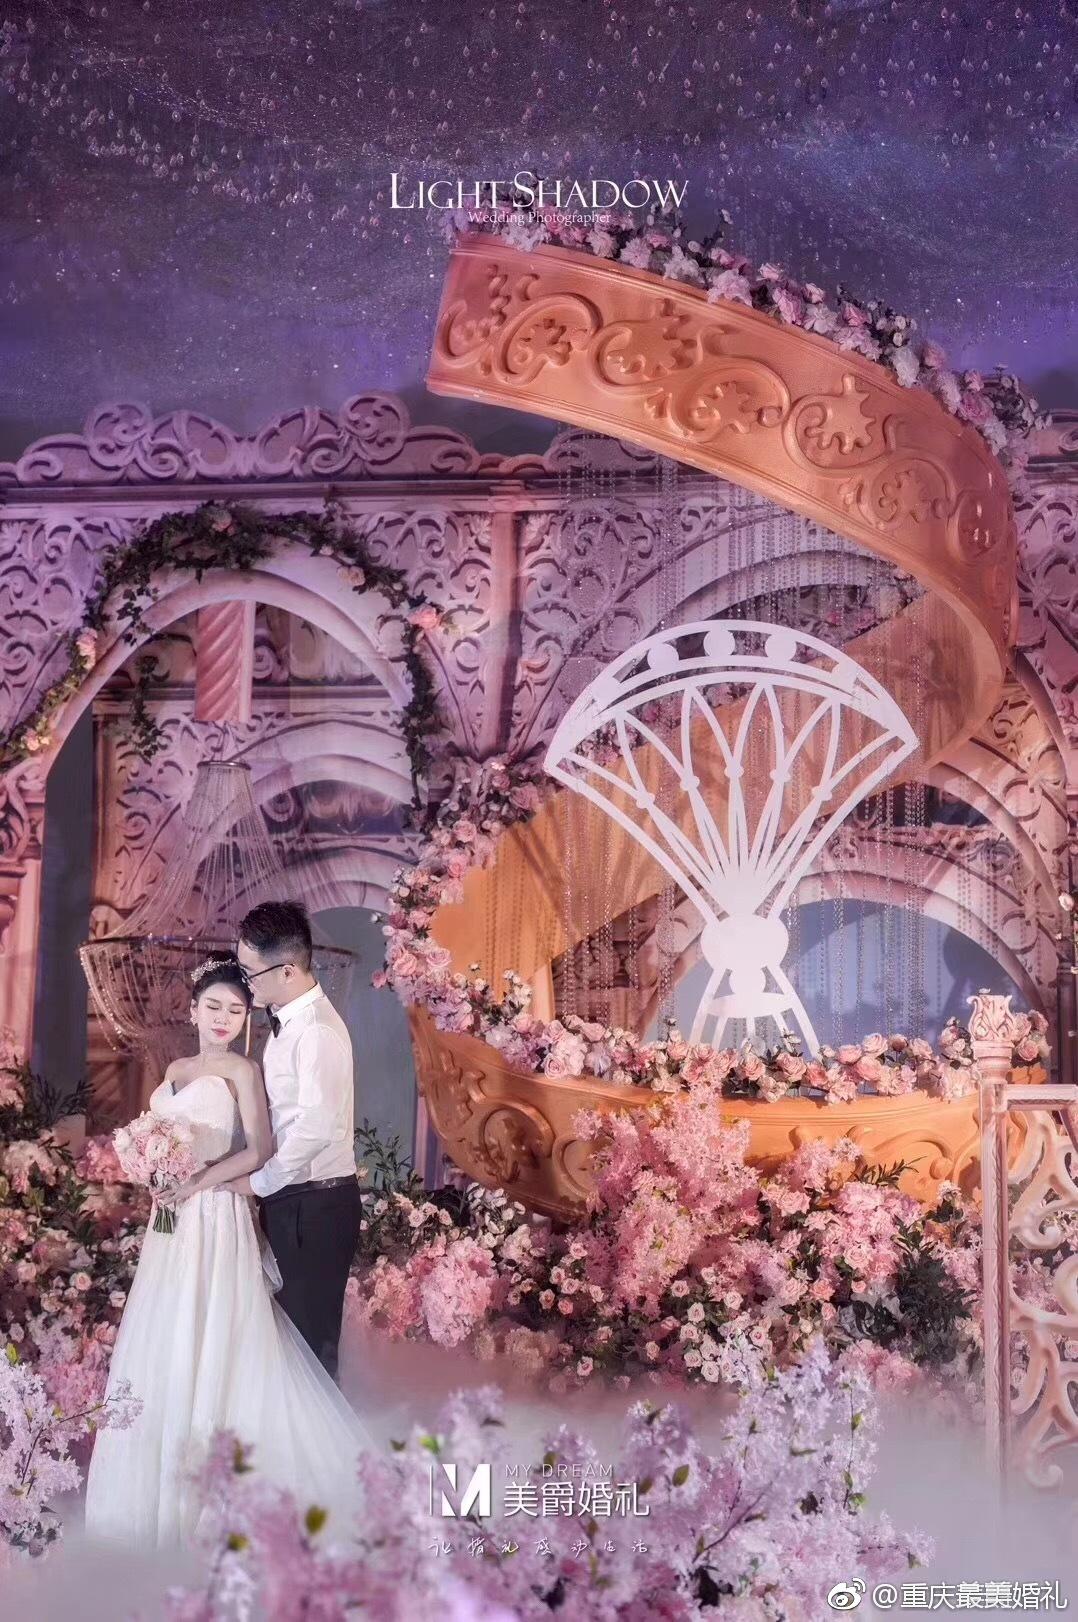 最美点评:如果这场婚礼在梦中